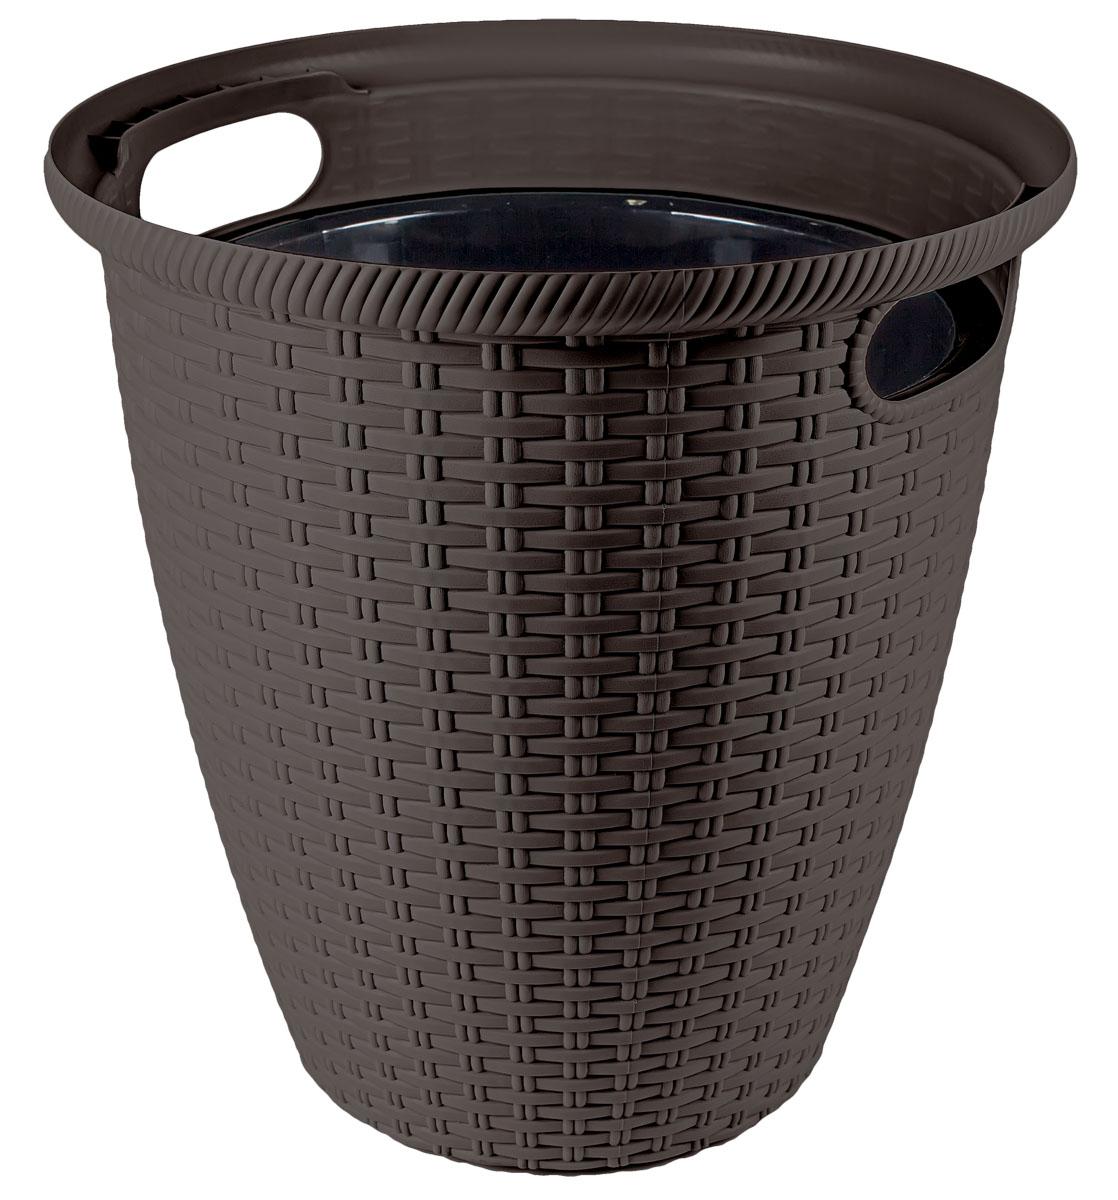 Кашпо InGreen Ротанг, напольное, цвет: венге, диаметр 32,8 см4612754052110Кашпо InGreen Ротанг изготовлено из высококачественного пластика с плетеной текстурой. Такое кашпо прекрасно подойдет для выращивания растений и цветов в домашних условиях. Лаконичный дизайн впишется в интерьер любого помещения. Размер кашпо: 32,8 х 32,8 х 33 см.